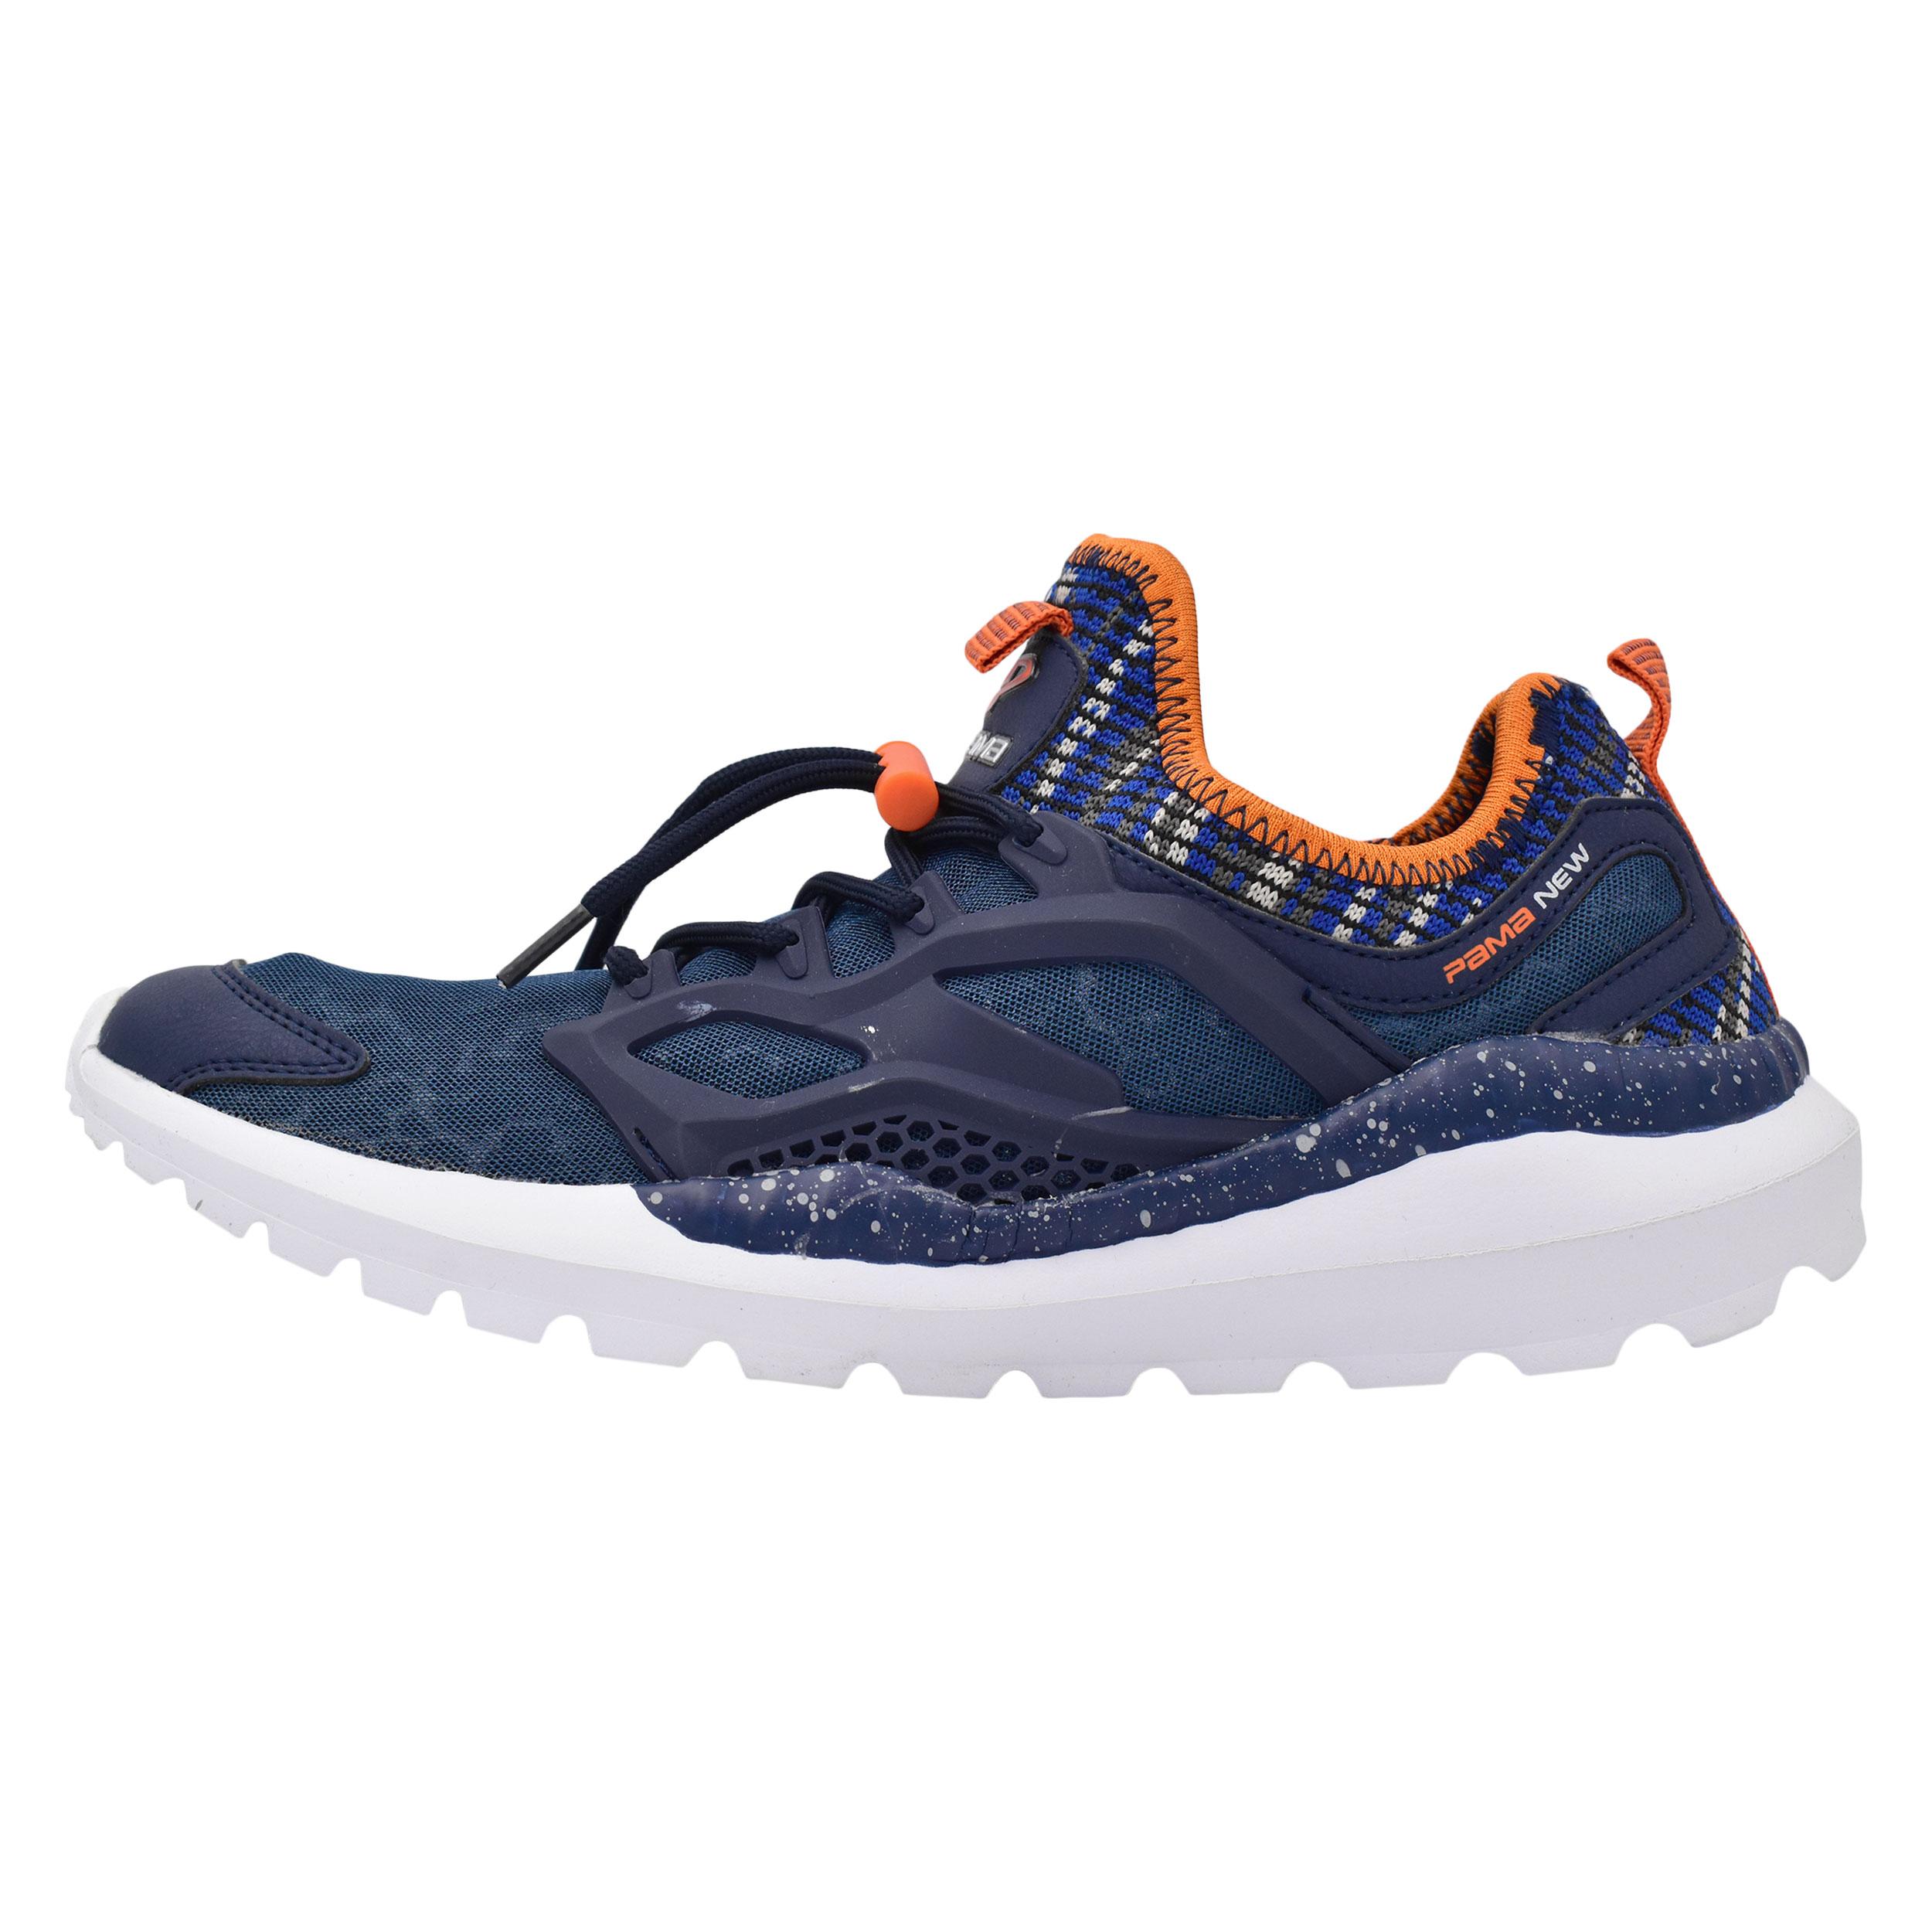 کفش پیاده روی مردانه پاما مدل ARC-16 کد G1140